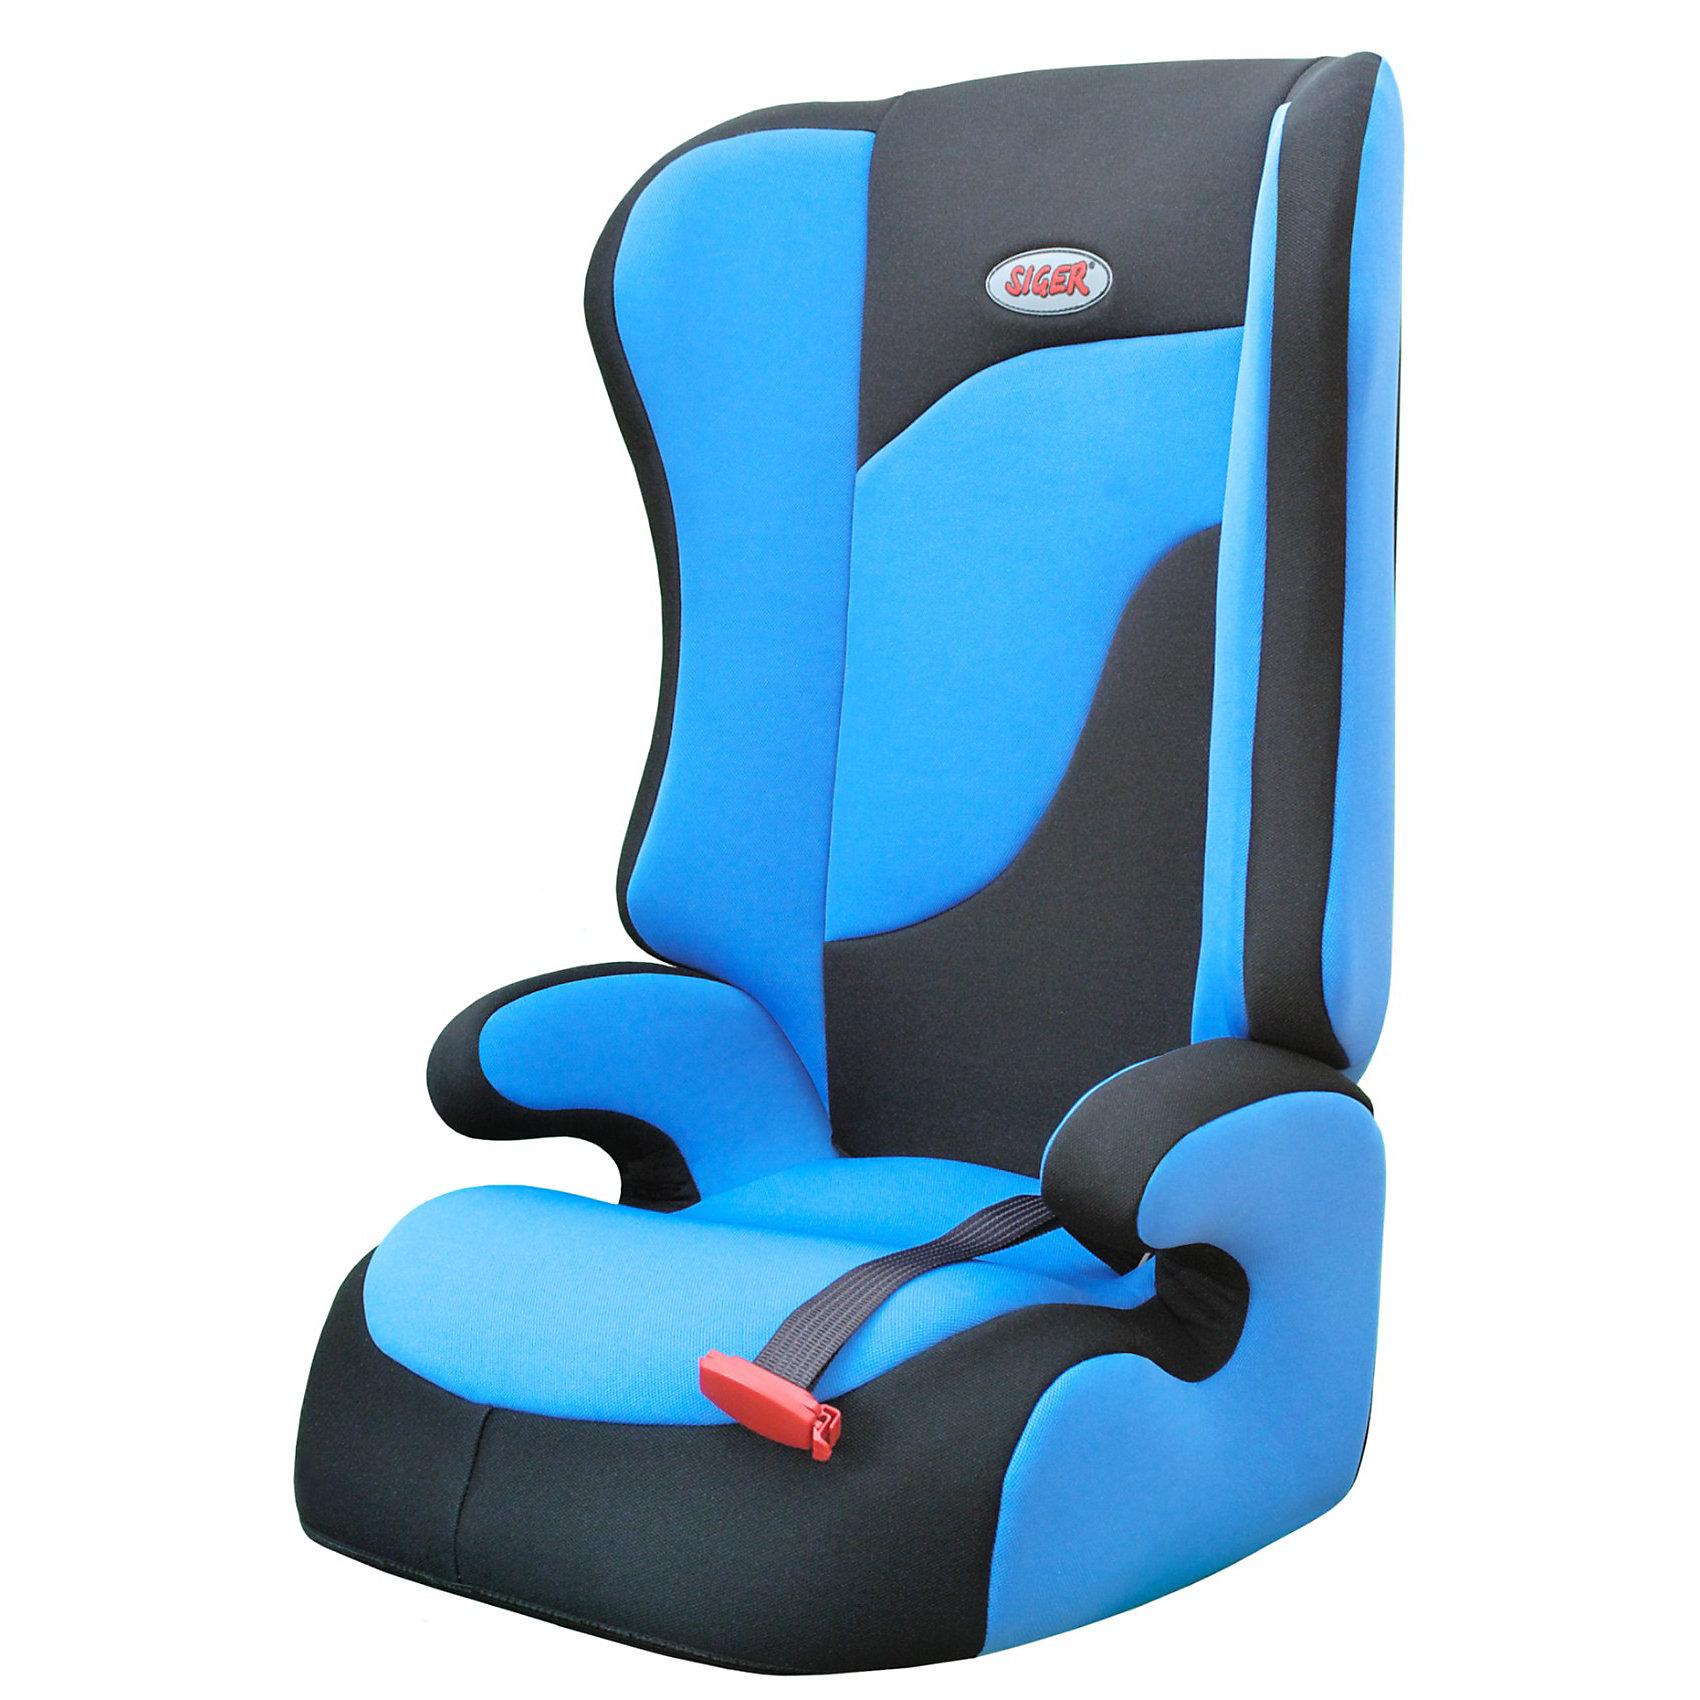 Автокресло Спорт, 15-36 кг., SIGER, синийДетское автомобильное кресло SIGER Спорт.<br>Подходит для детей весом от 15 до 36 килограмм. Возрастная категория от 3 до 12 лет.<br>Описание: <br>- трансформируется в  модели «-Прайм» и «-Бустер»; <br>- чехол – трикотажное полотно, плотность 250 г/м2;<br>- ортопедическая спинка и особая форма подголовника защитят голову и плечи малыша от боковых ударов;<br>- износостойкий чехол легко снимается для стирки (ручной и автоматической), не садится, не выгорает и не вызывает аллергических реакций;<br>- ребенок пристегивается  штатным ремнем безопасности автомобиля;<br>- округлая форма сиденья не «режет» ножки, предохраняя их от затекания  в дальней дороге.<br>Дополнительная информация:<br>- ширина посадочного места – 27-34 см;<br>- глубина посадочного места – 30 см;<br>- высота посадочного места – 12 см;<br>- высота спинки – 58 см;<br>- вес – 3,8 кг.<br> - корпус – ПНД-пластмасса ПЭ2МТ76-17;<br>- цвет –синий.<br>Детское автомобильное кресло SIGER Спорт можно купить в нашем интернет-магазине.<br><br>Ширина мм: 440<br>Глубина мм: 420<br>Высота мм: 800<br>Вес г: 3800<br>Возраст от месяцев: 36<br>Возраст до месяцев: 144<br>Пол: Унисекс<br>Возраст: Детский<br>SKU: 3340356